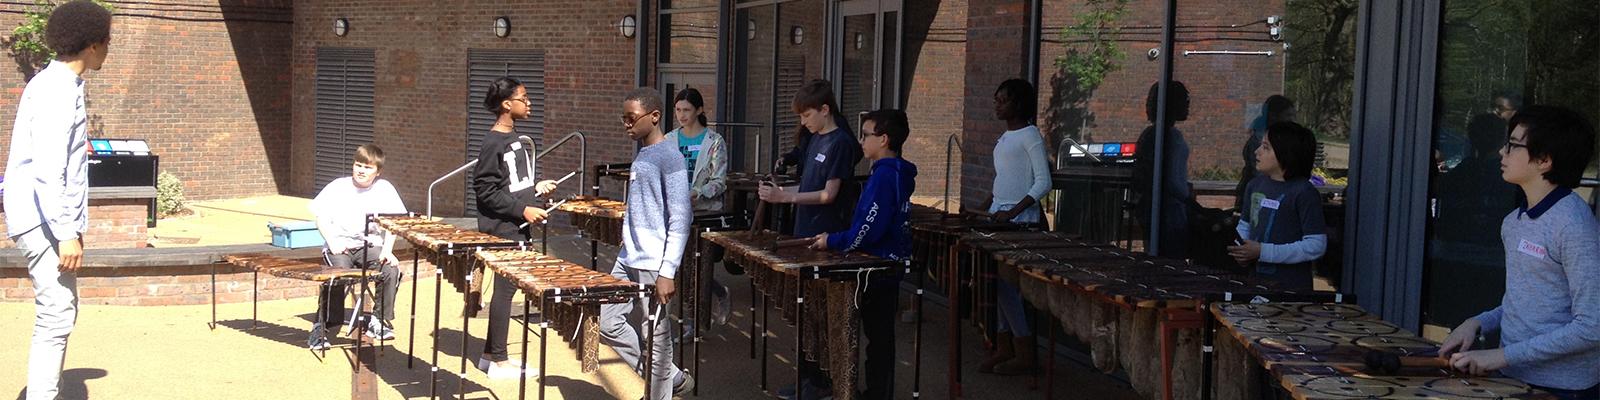 African Marimba Workshops In Schools London